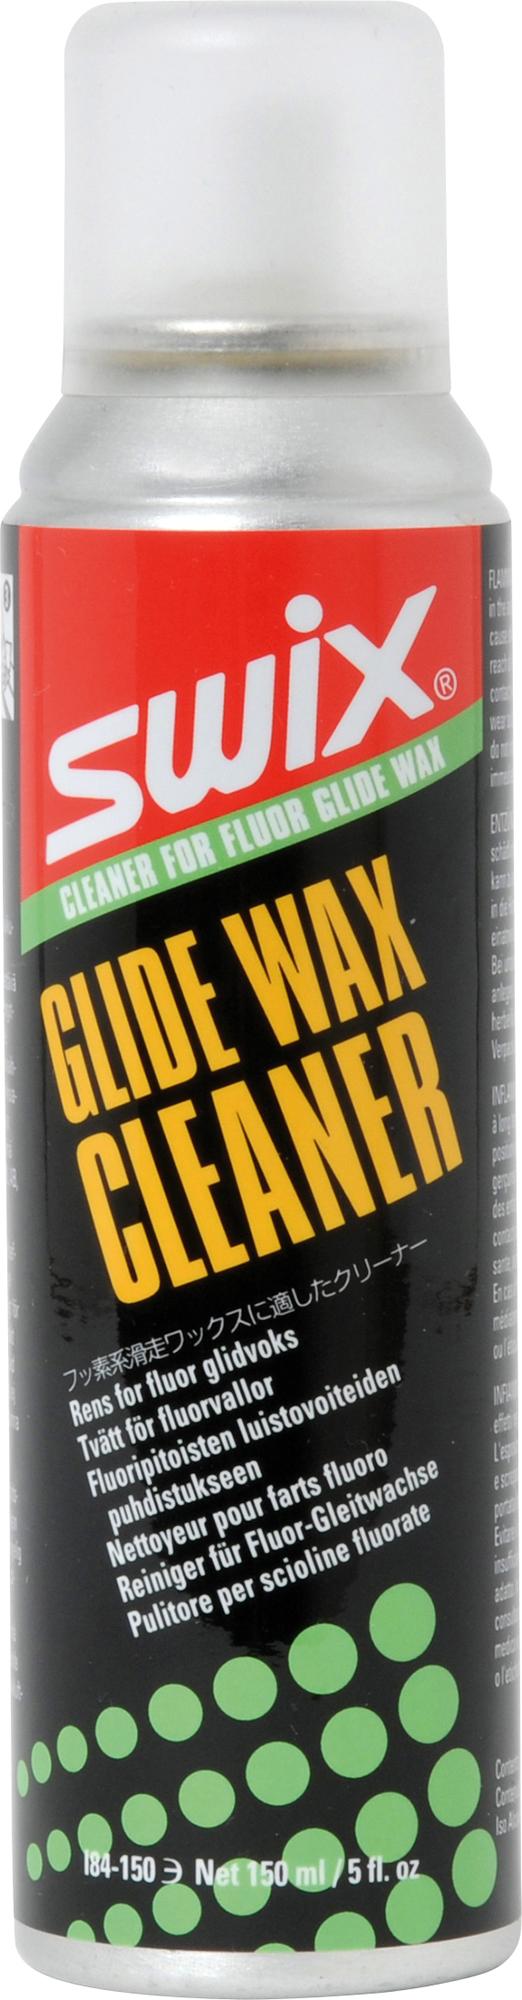 Swix Смывка для мазей скольжения